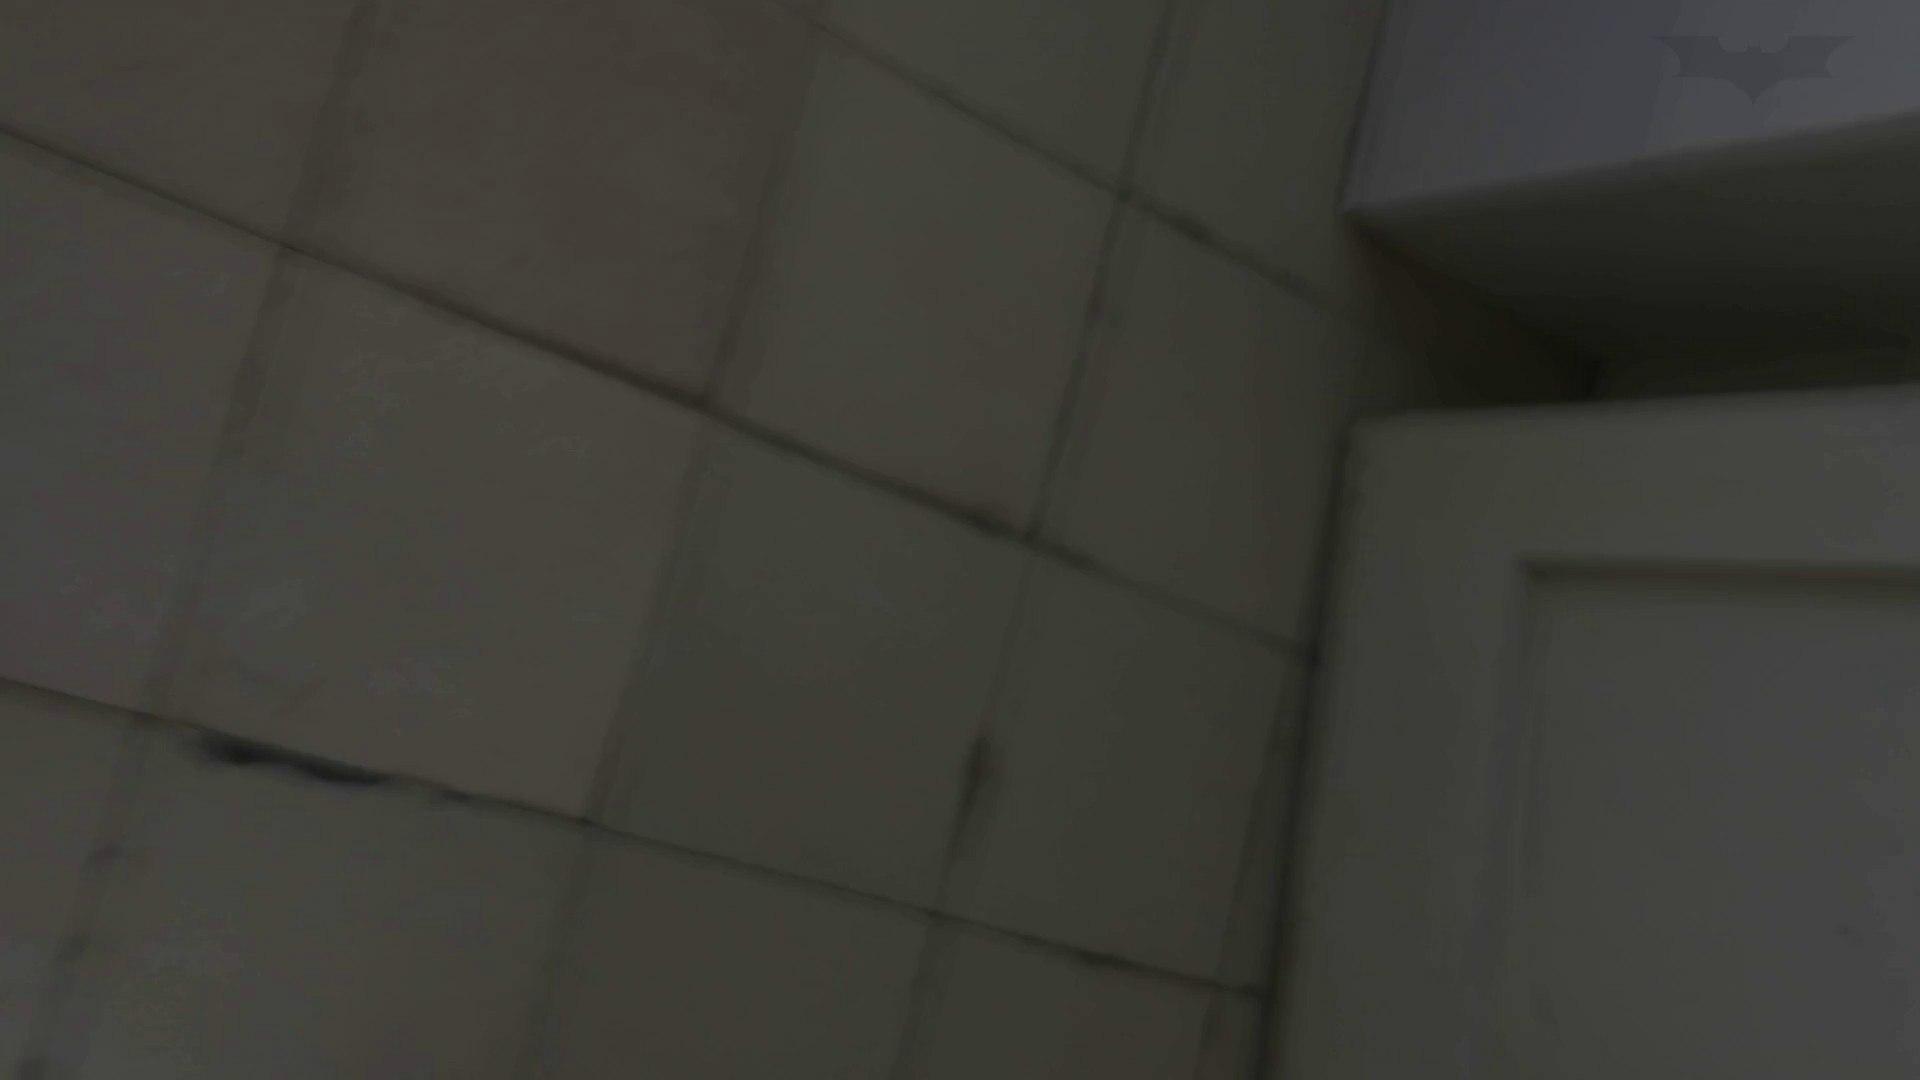 芸術大学ガチ潜入盗撮 JD盗撮 美女の洗面所の秘密 Vol.81 盗撮  62PIX 41